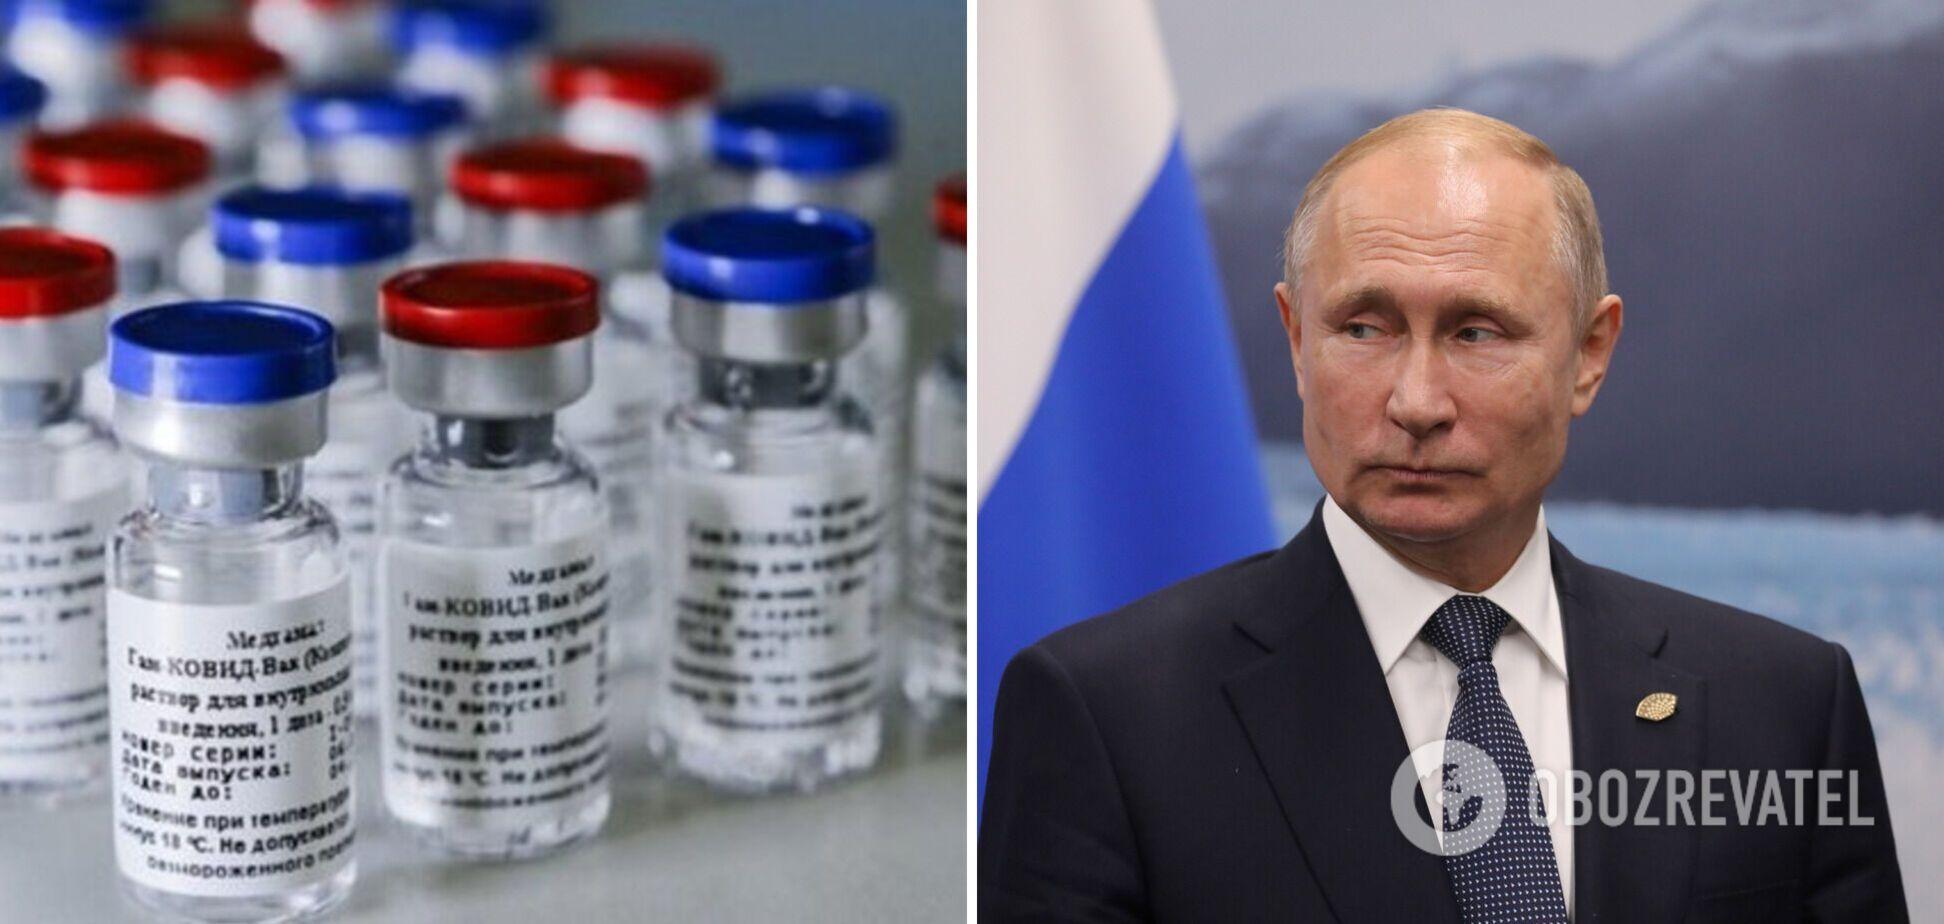 Россия продала ЕС 'поддельную' вакцину 'Спутник V' от коронавируса